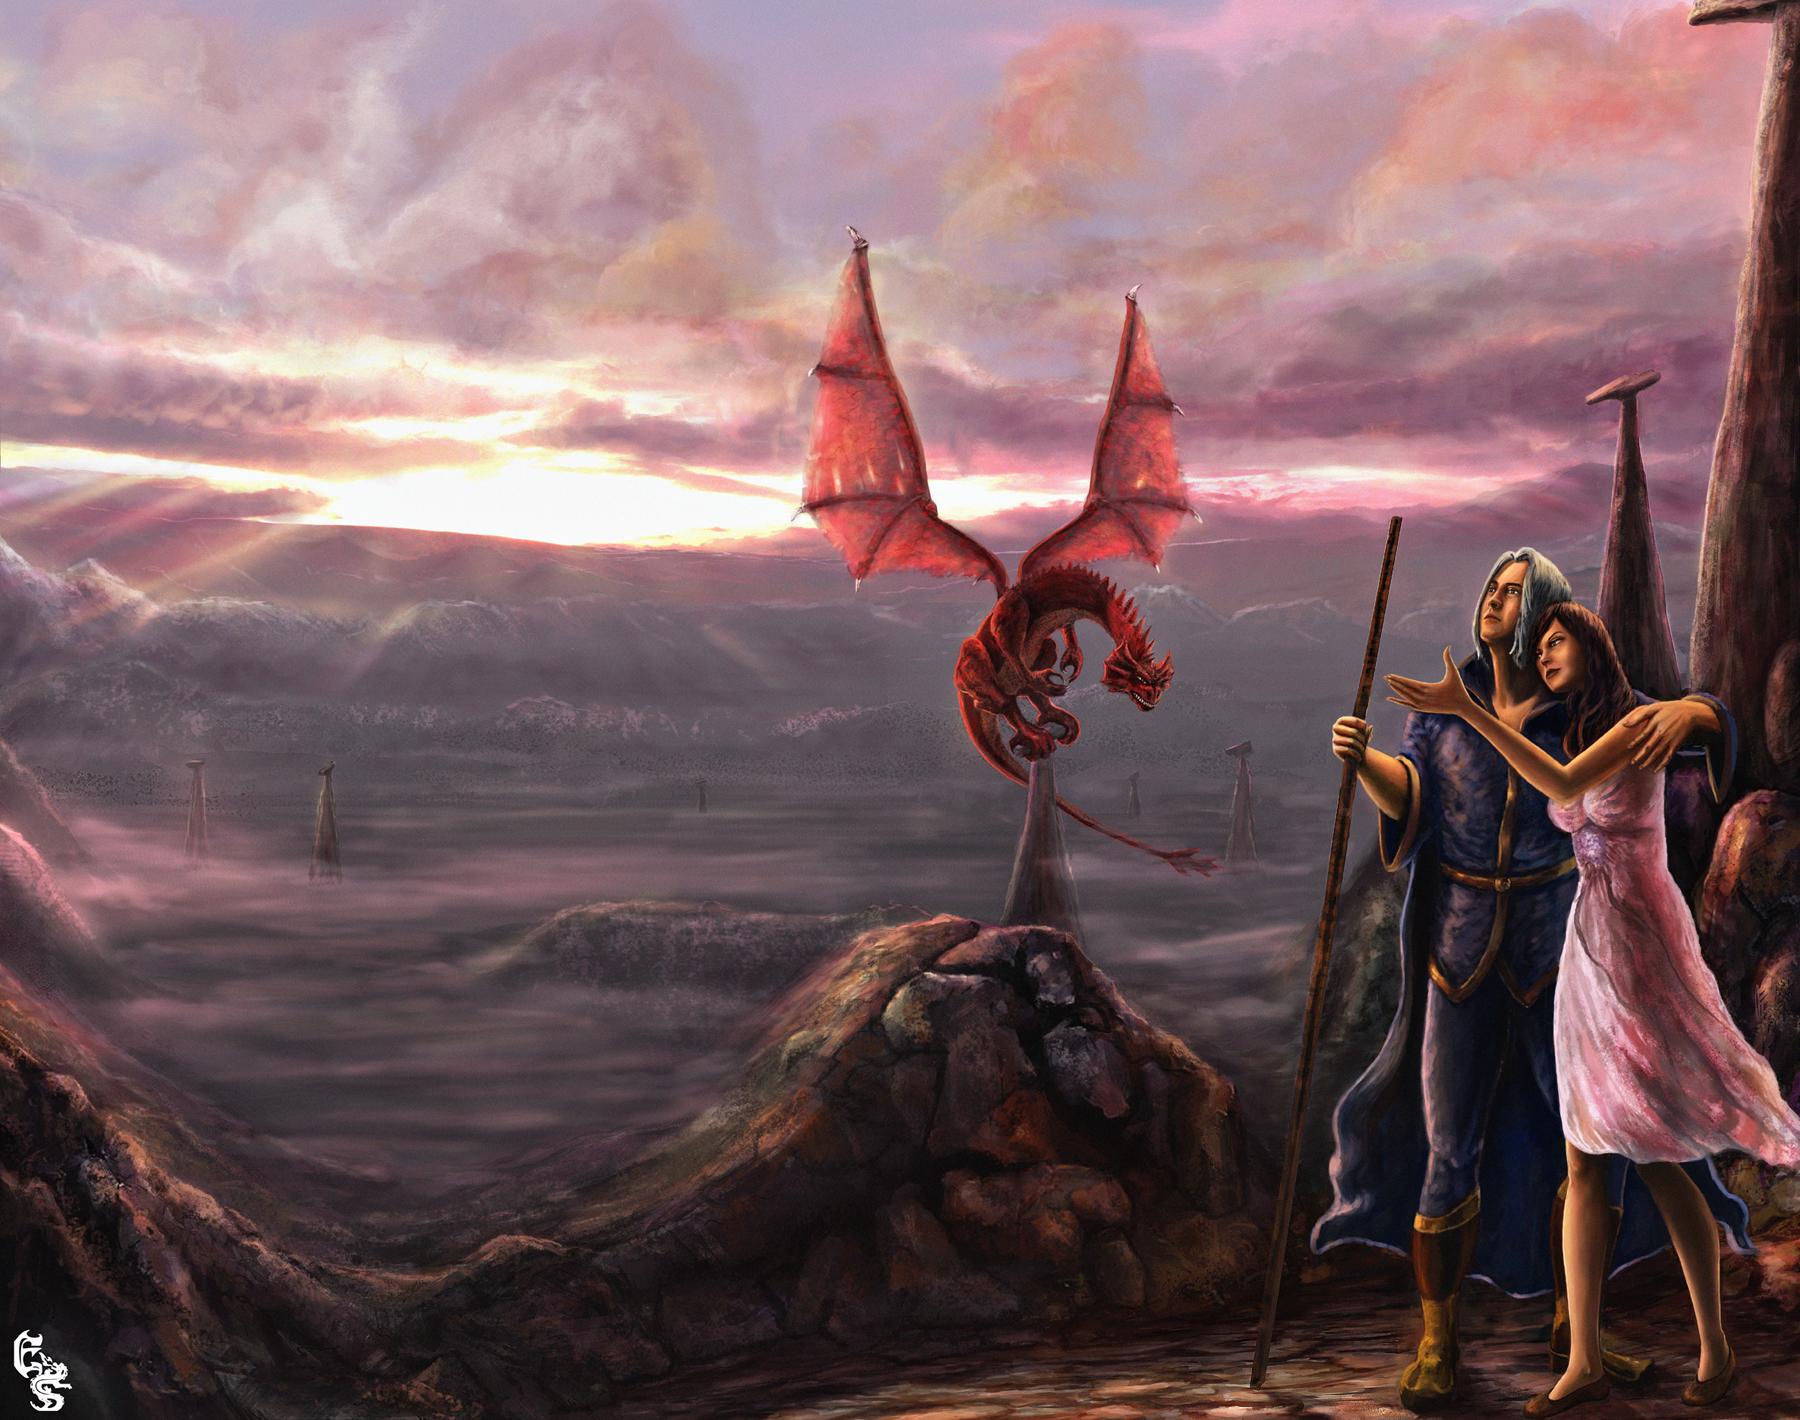 Dragonlance Wallpaper Dragon lance by designes 1800x1420